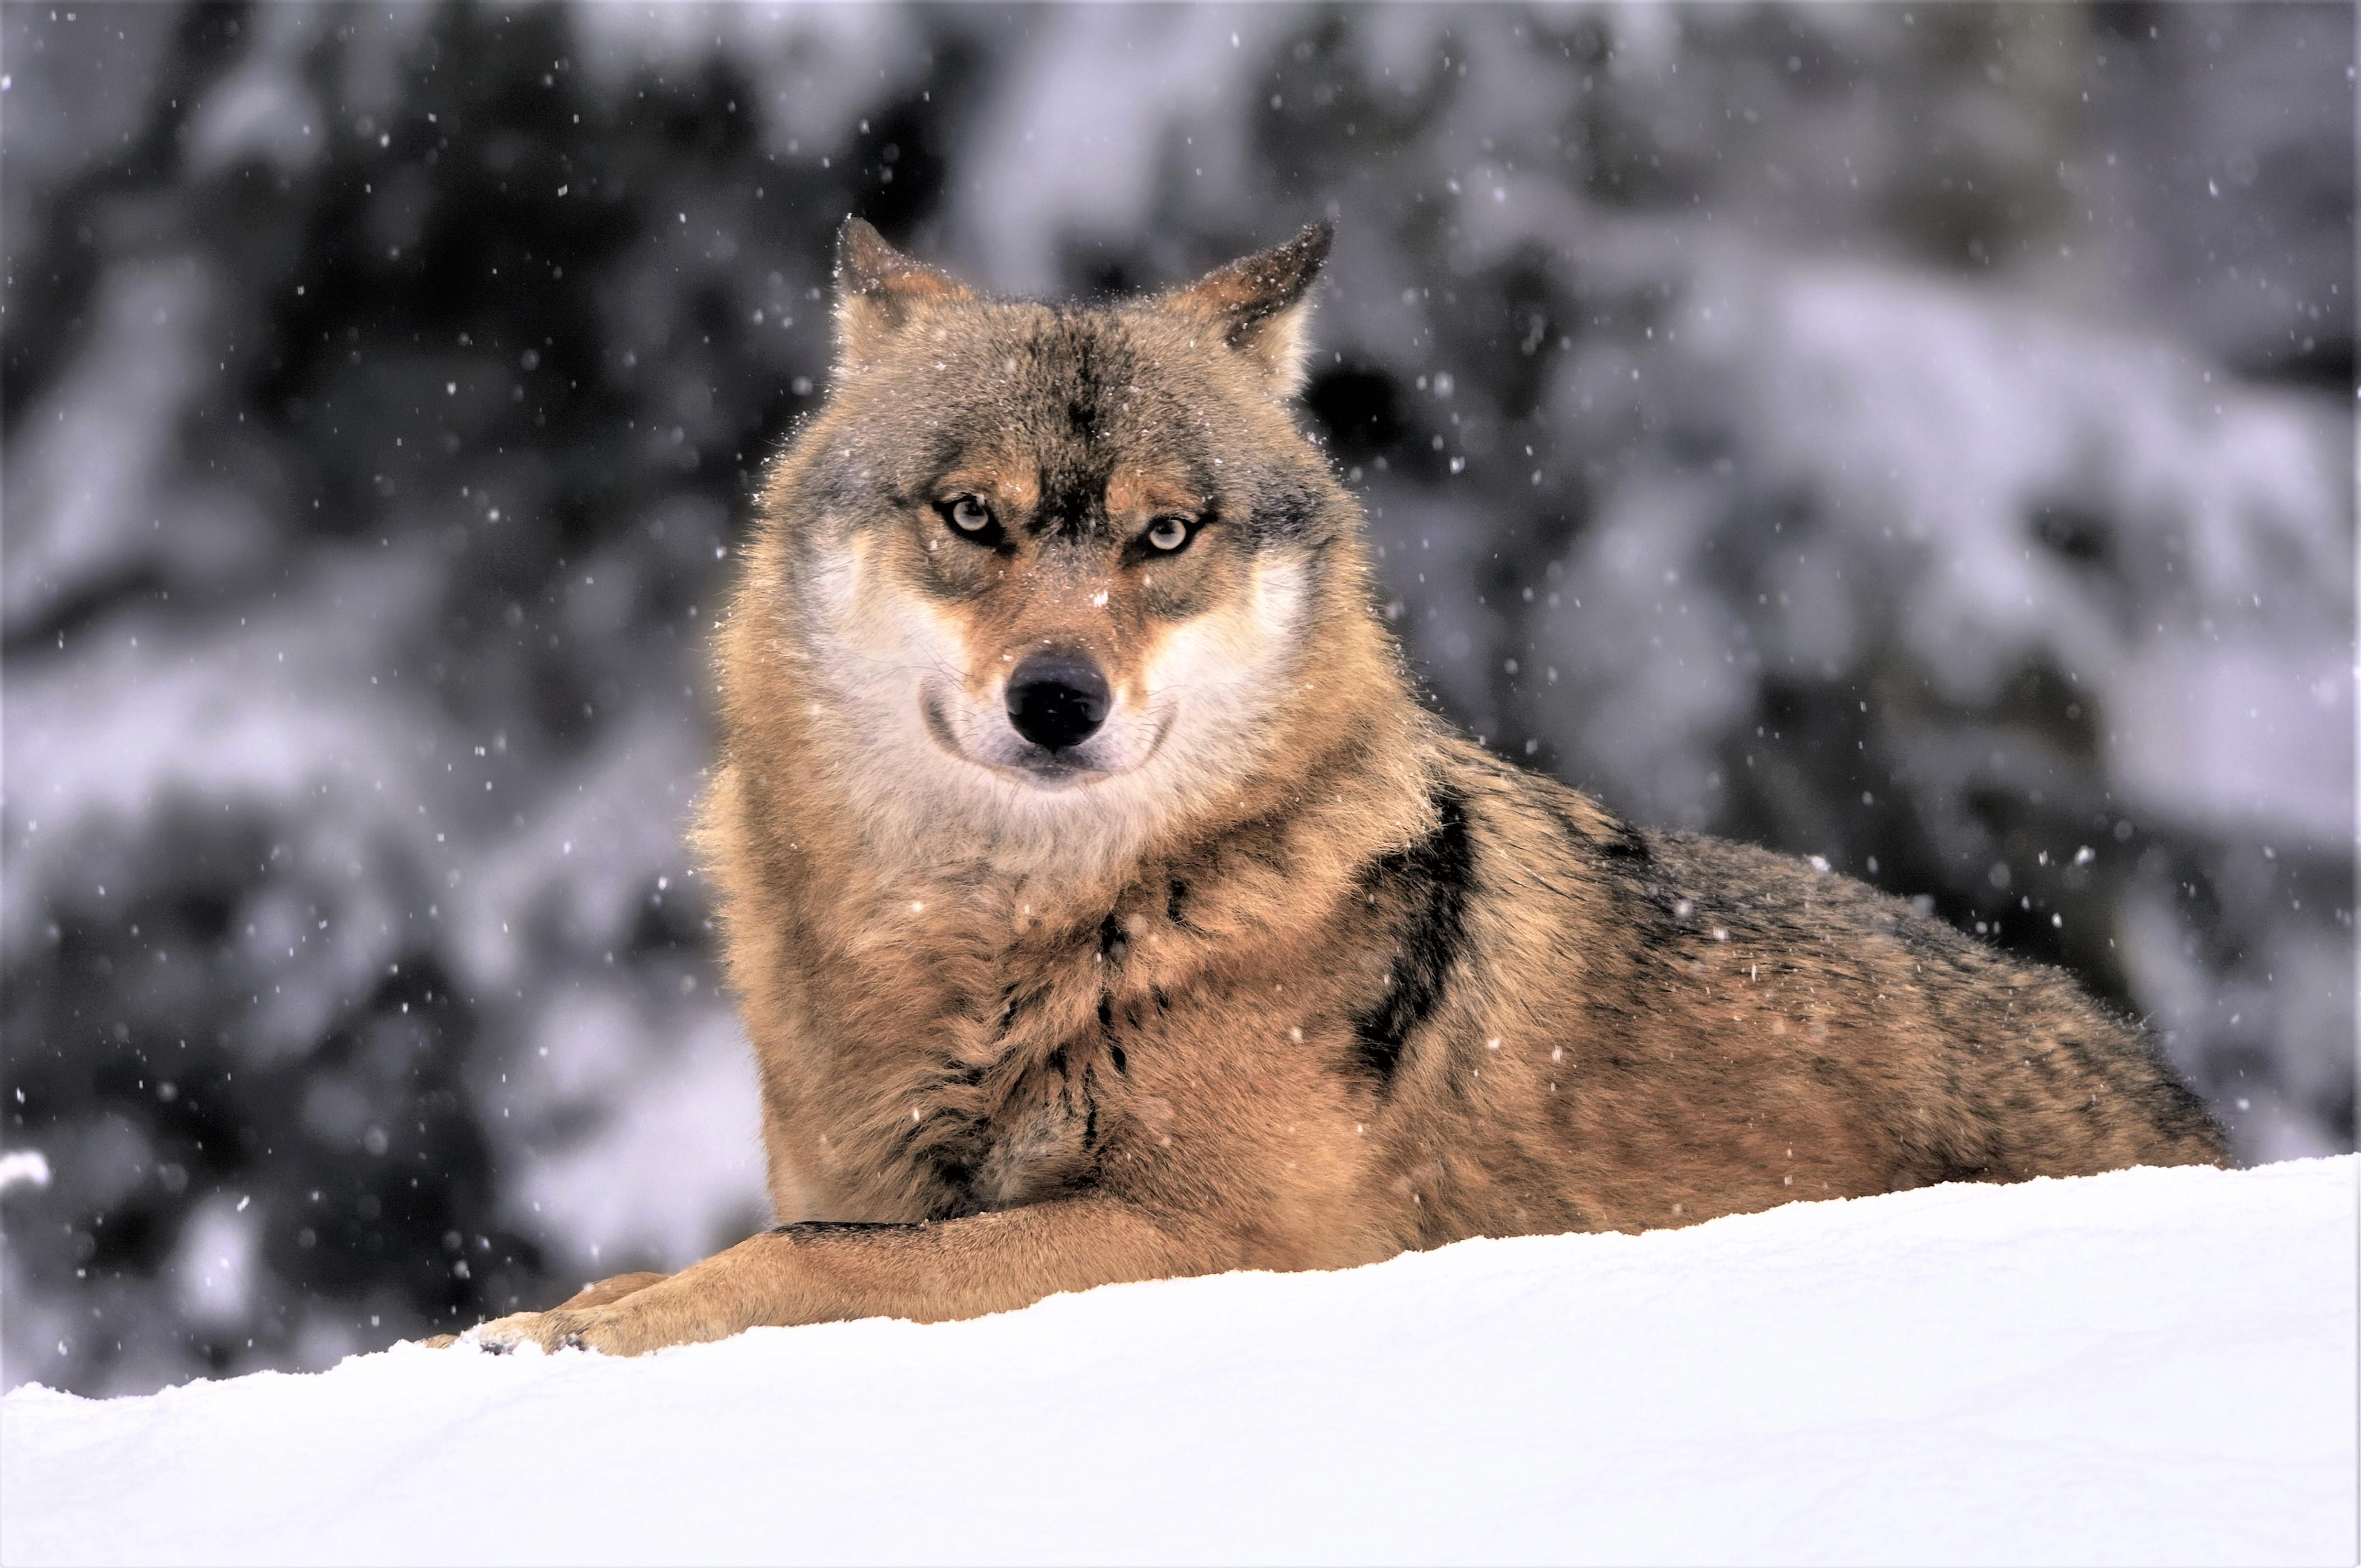 Muzzle Snow Snowfall Wildlife Winter Wolf Predator Animal 4216x2800